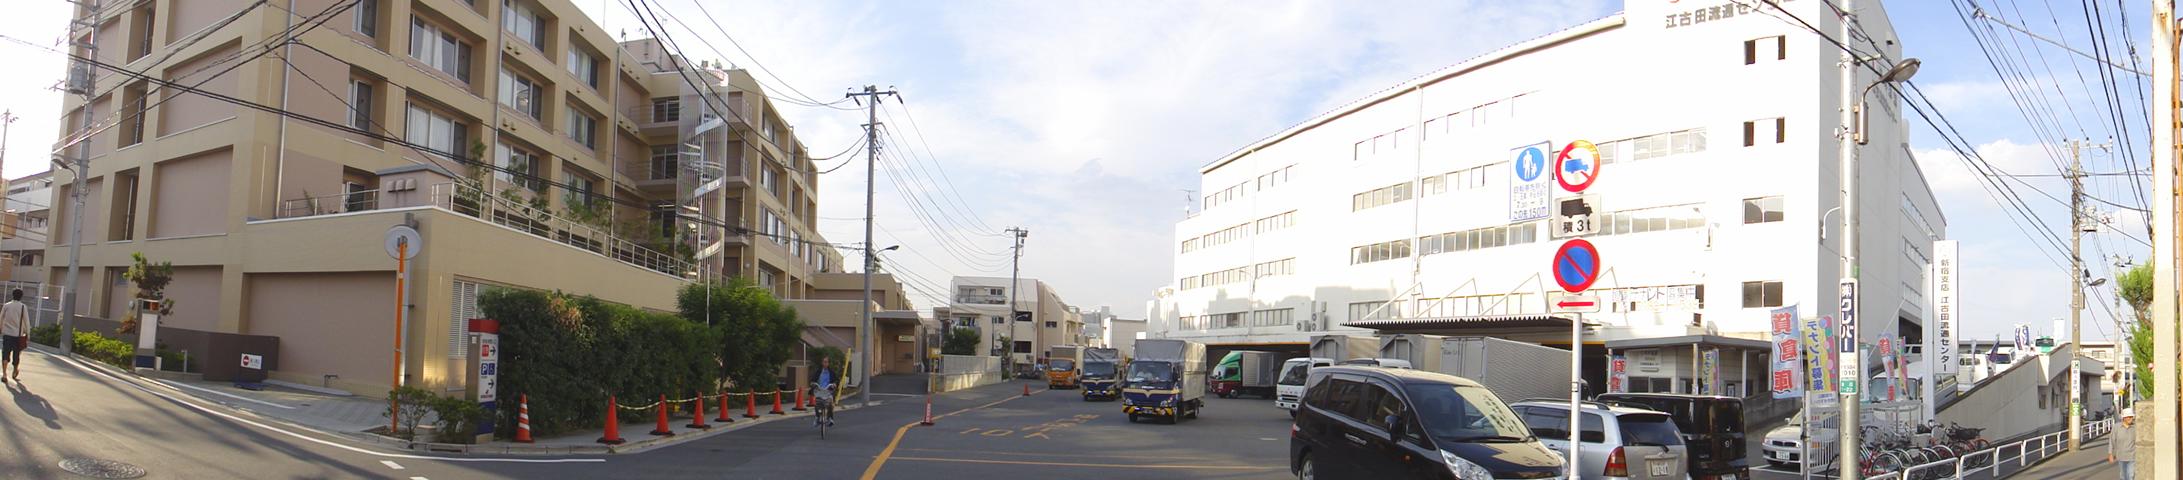 江古田配送センター(右)と練馬総合病院(左)